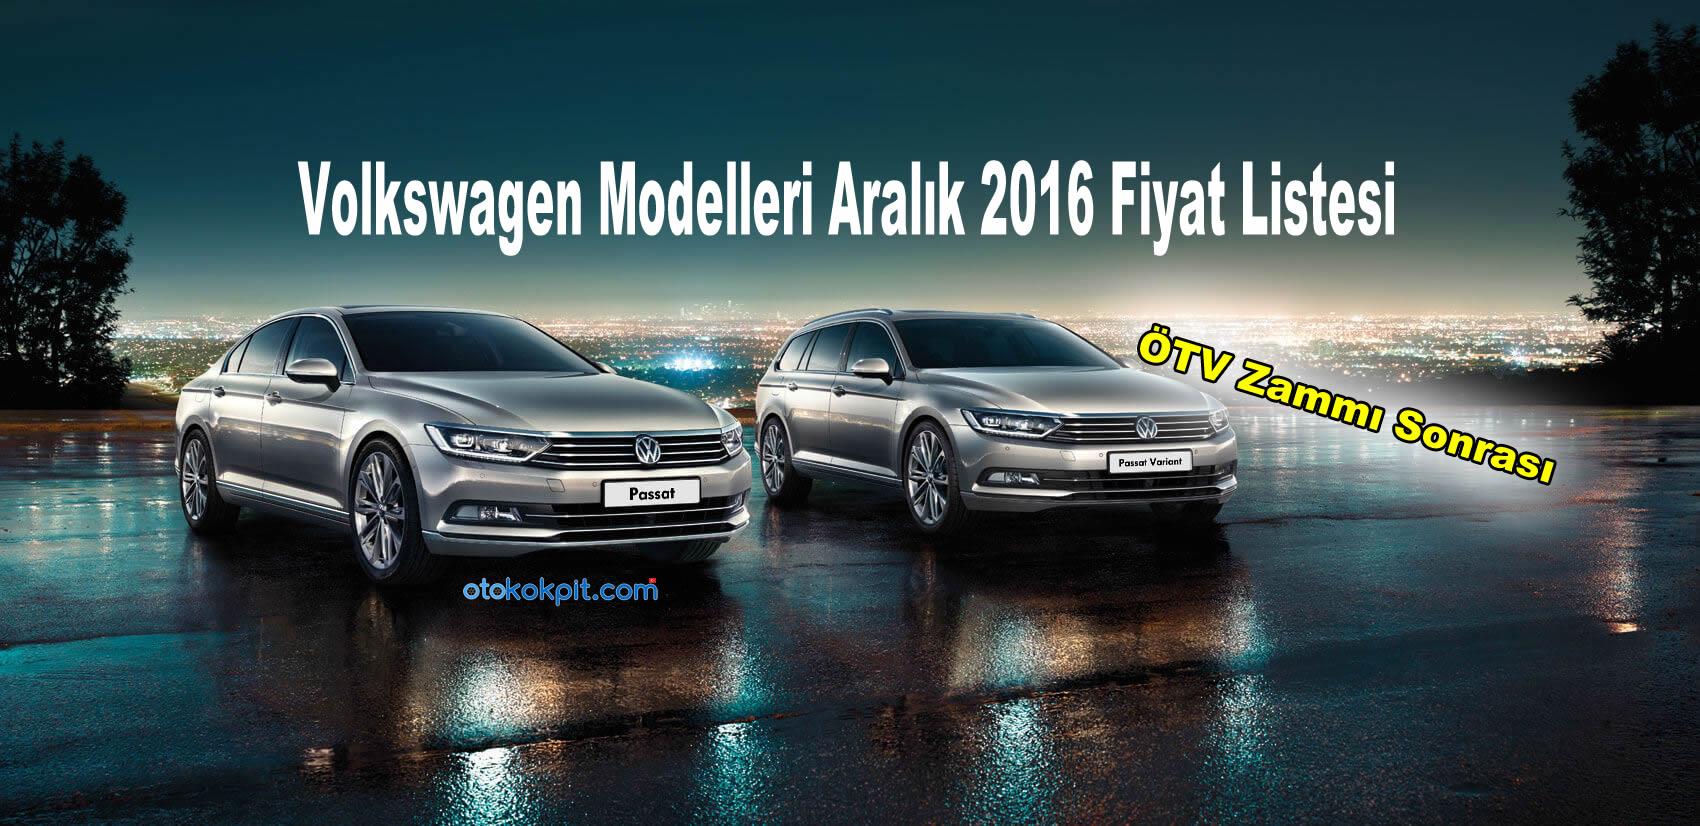 Volkswagen Modelleri Aralık 2016 Fiyat Listesi